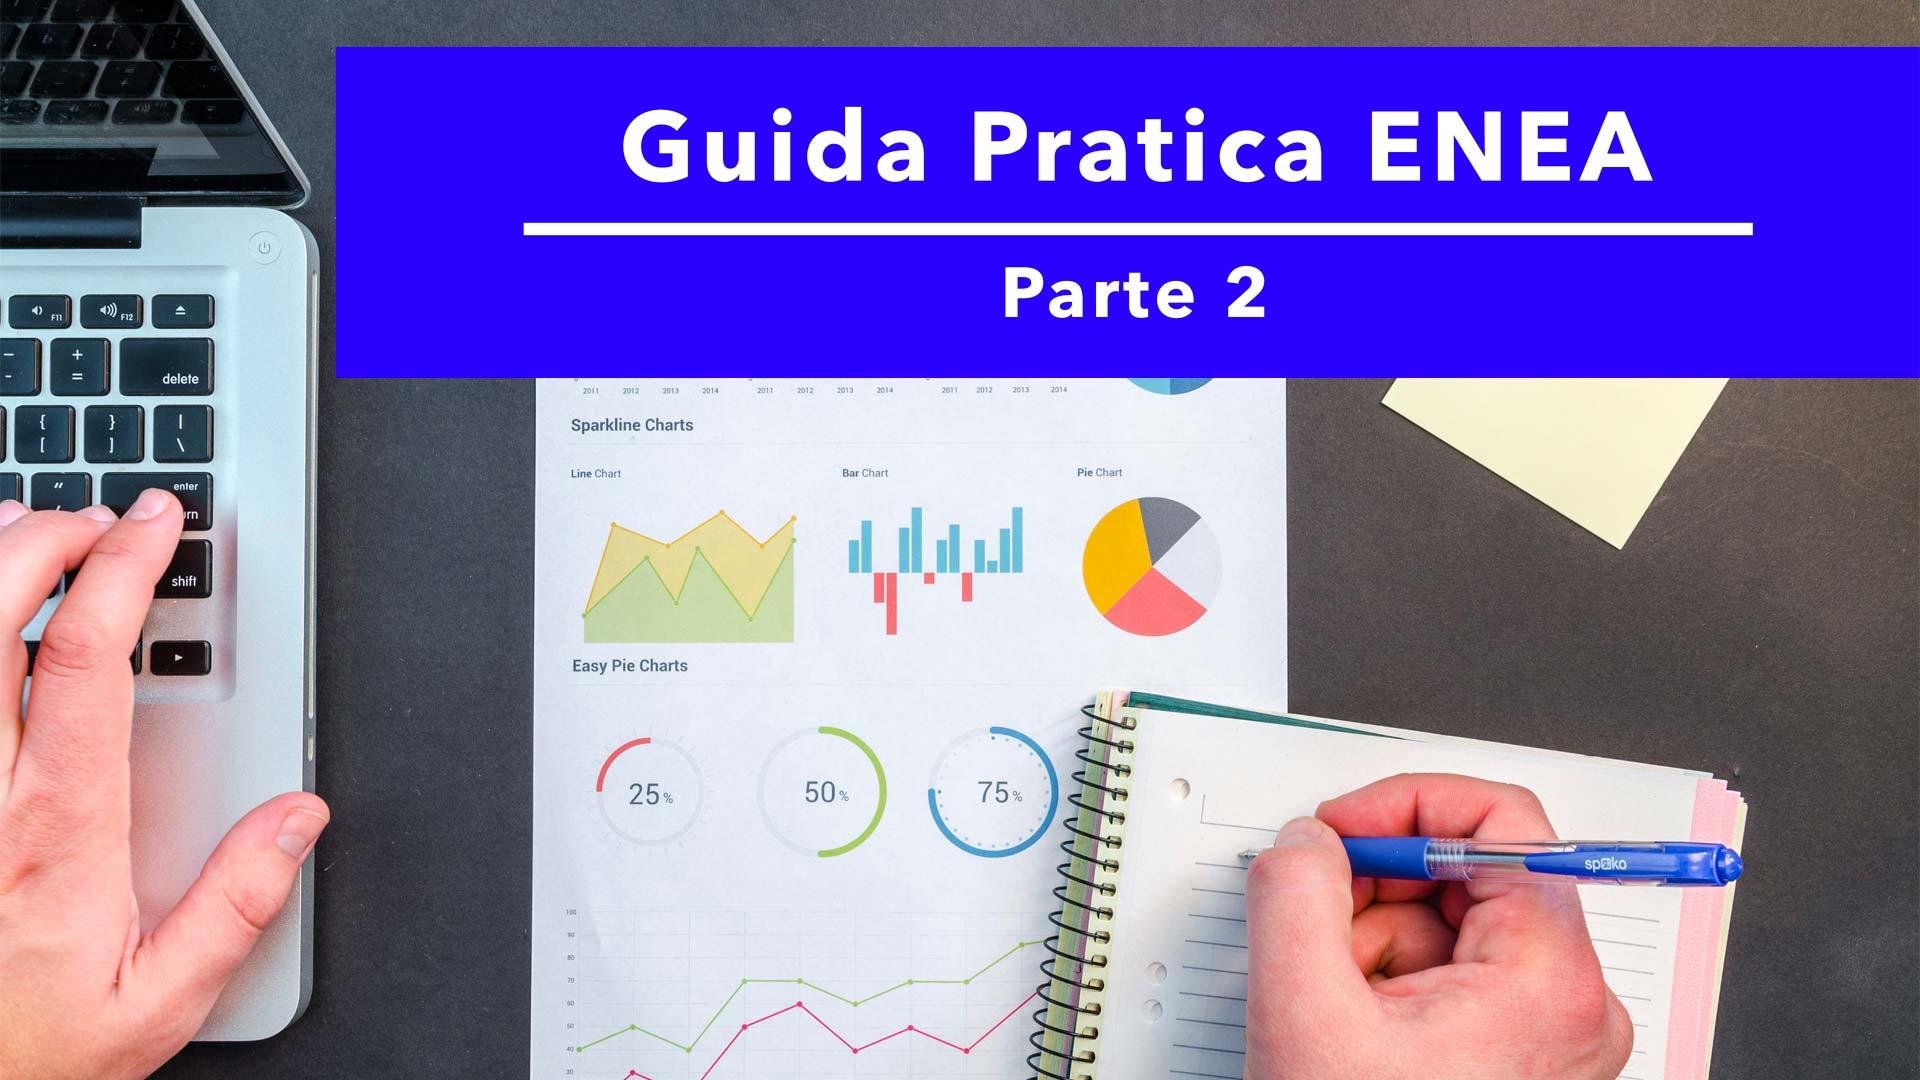 Guida: come fare i documenti e la pratica per la detrazione Enea - 2a parte